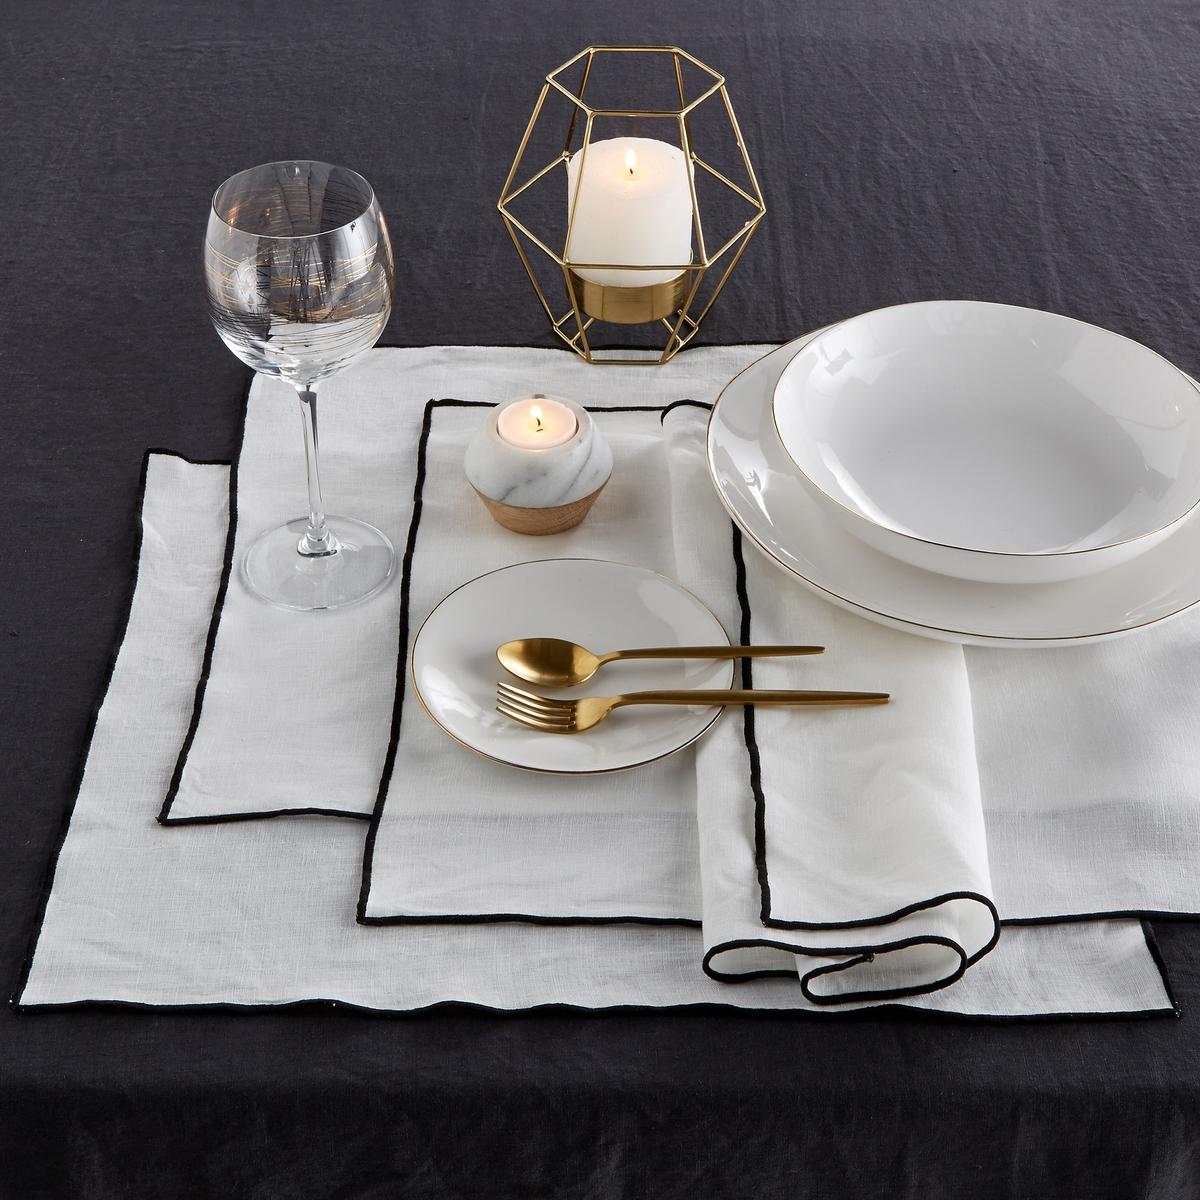 4 салфетки под тарелку льняные Taraka4 салфетки под тарелкуTaraka, 100% лен. Эти салфетки совмещают в себе природную мягкость льна и изысканность тонкой отделки черного цвета. Скатерти, салфетки и дорожки для стола в продаже на сайте.Состав : - 100% лен, подкладка: ленРазмер : - ширина 46 x длина 35 смЗнак Oeko-Tex® гарантирует, что товары протестированы, сертифицированы и не содержат вредных для здоровья веществ.<br><br>Цвет: белый<br>Размер: единый размер